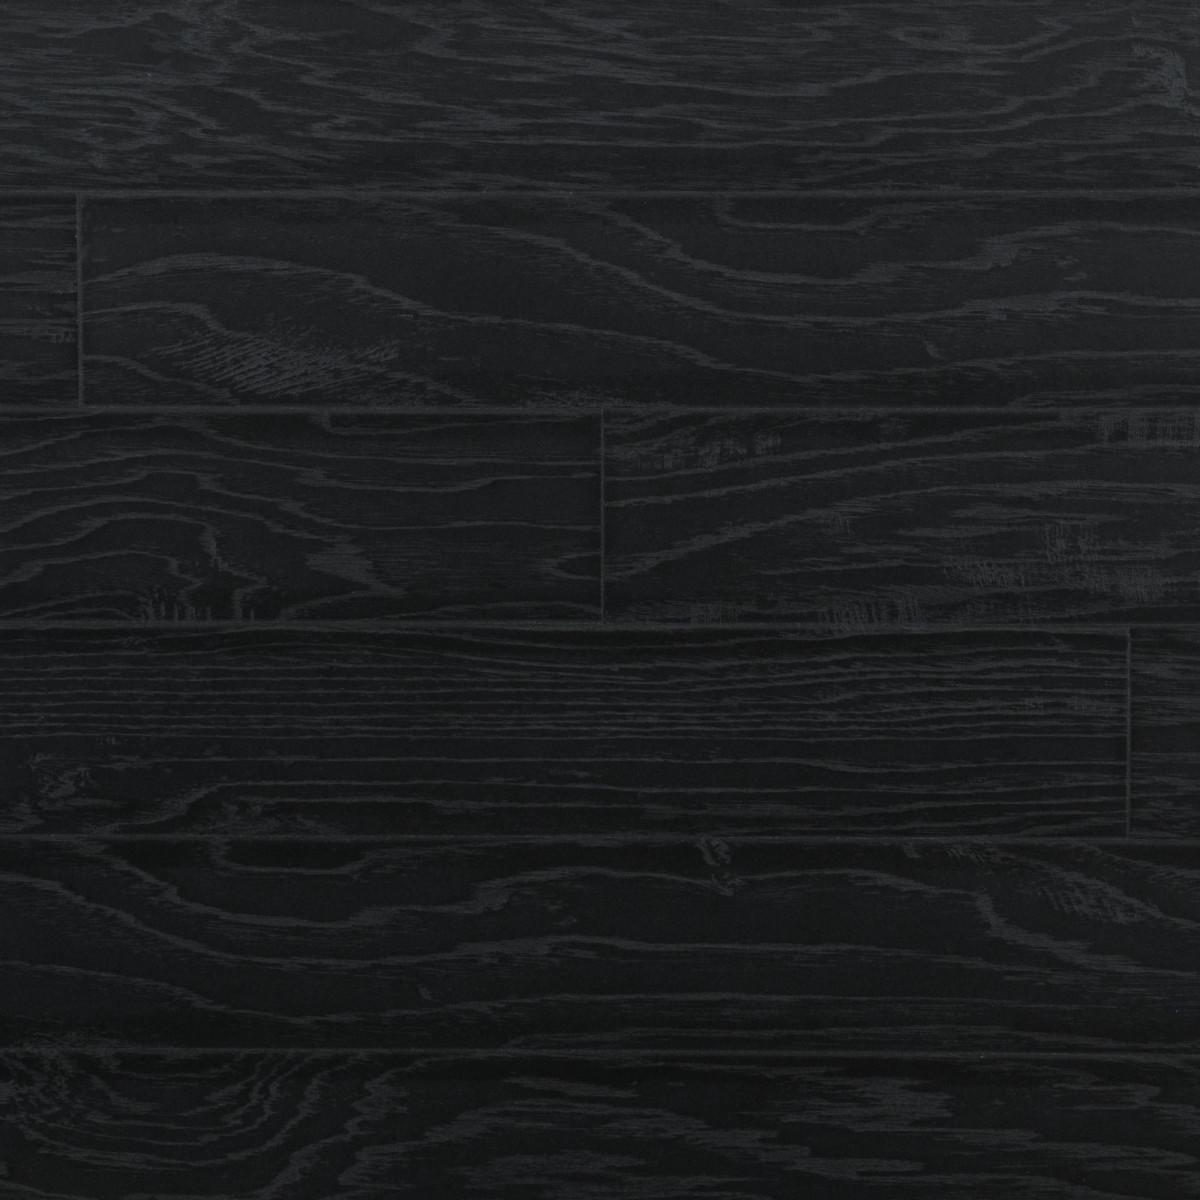 Ламинат Дуб угольный 33 класс толщина 8 мм с фаской 1.777 м²